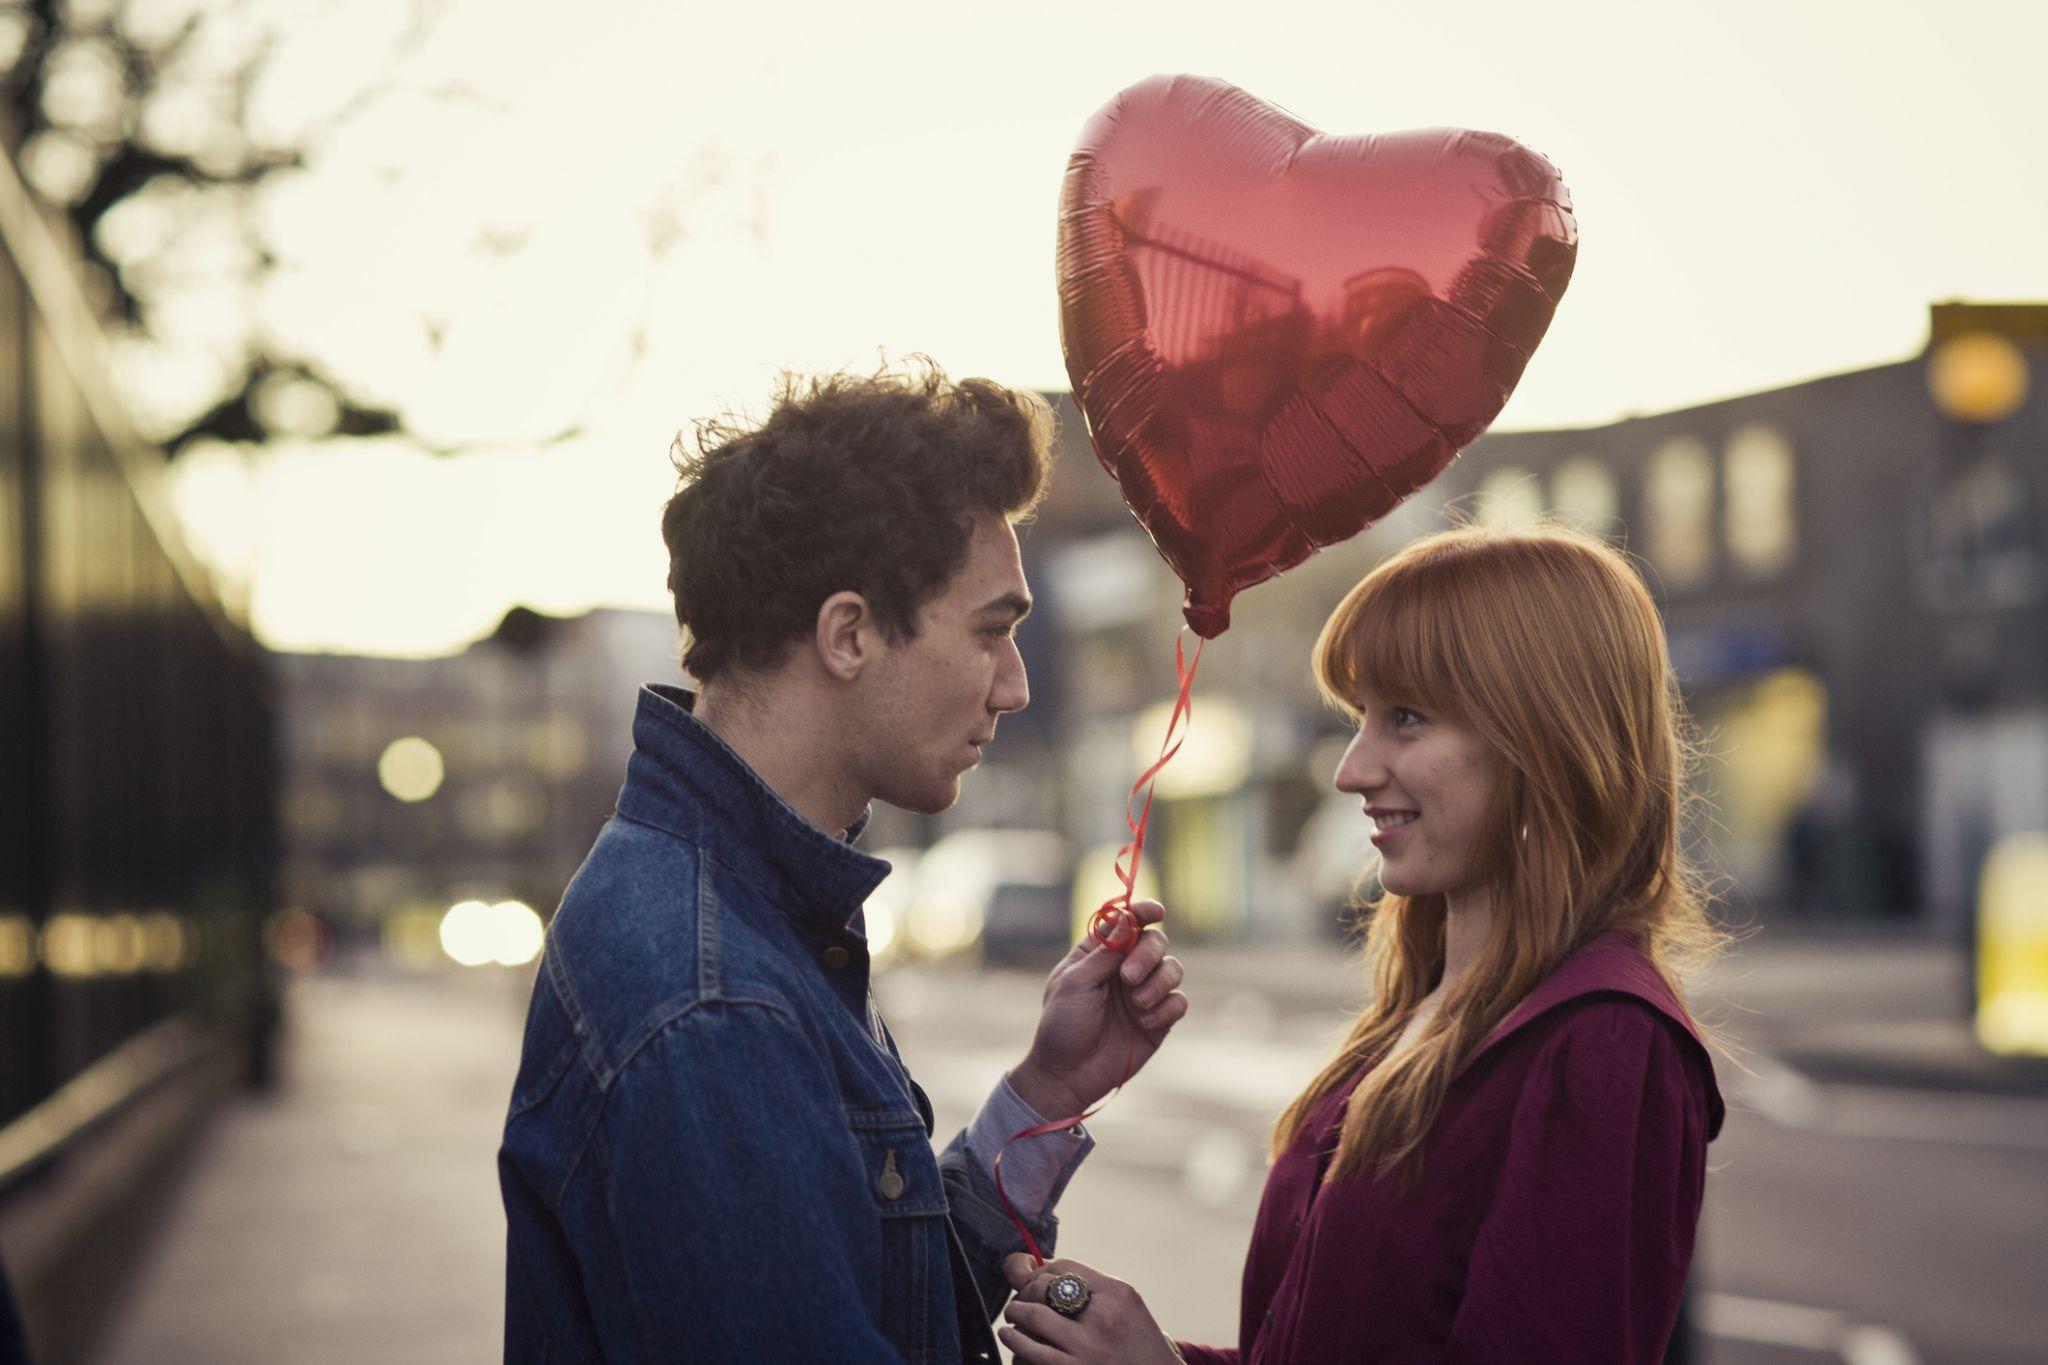 bri celebrate valentines day - HD2048×1365